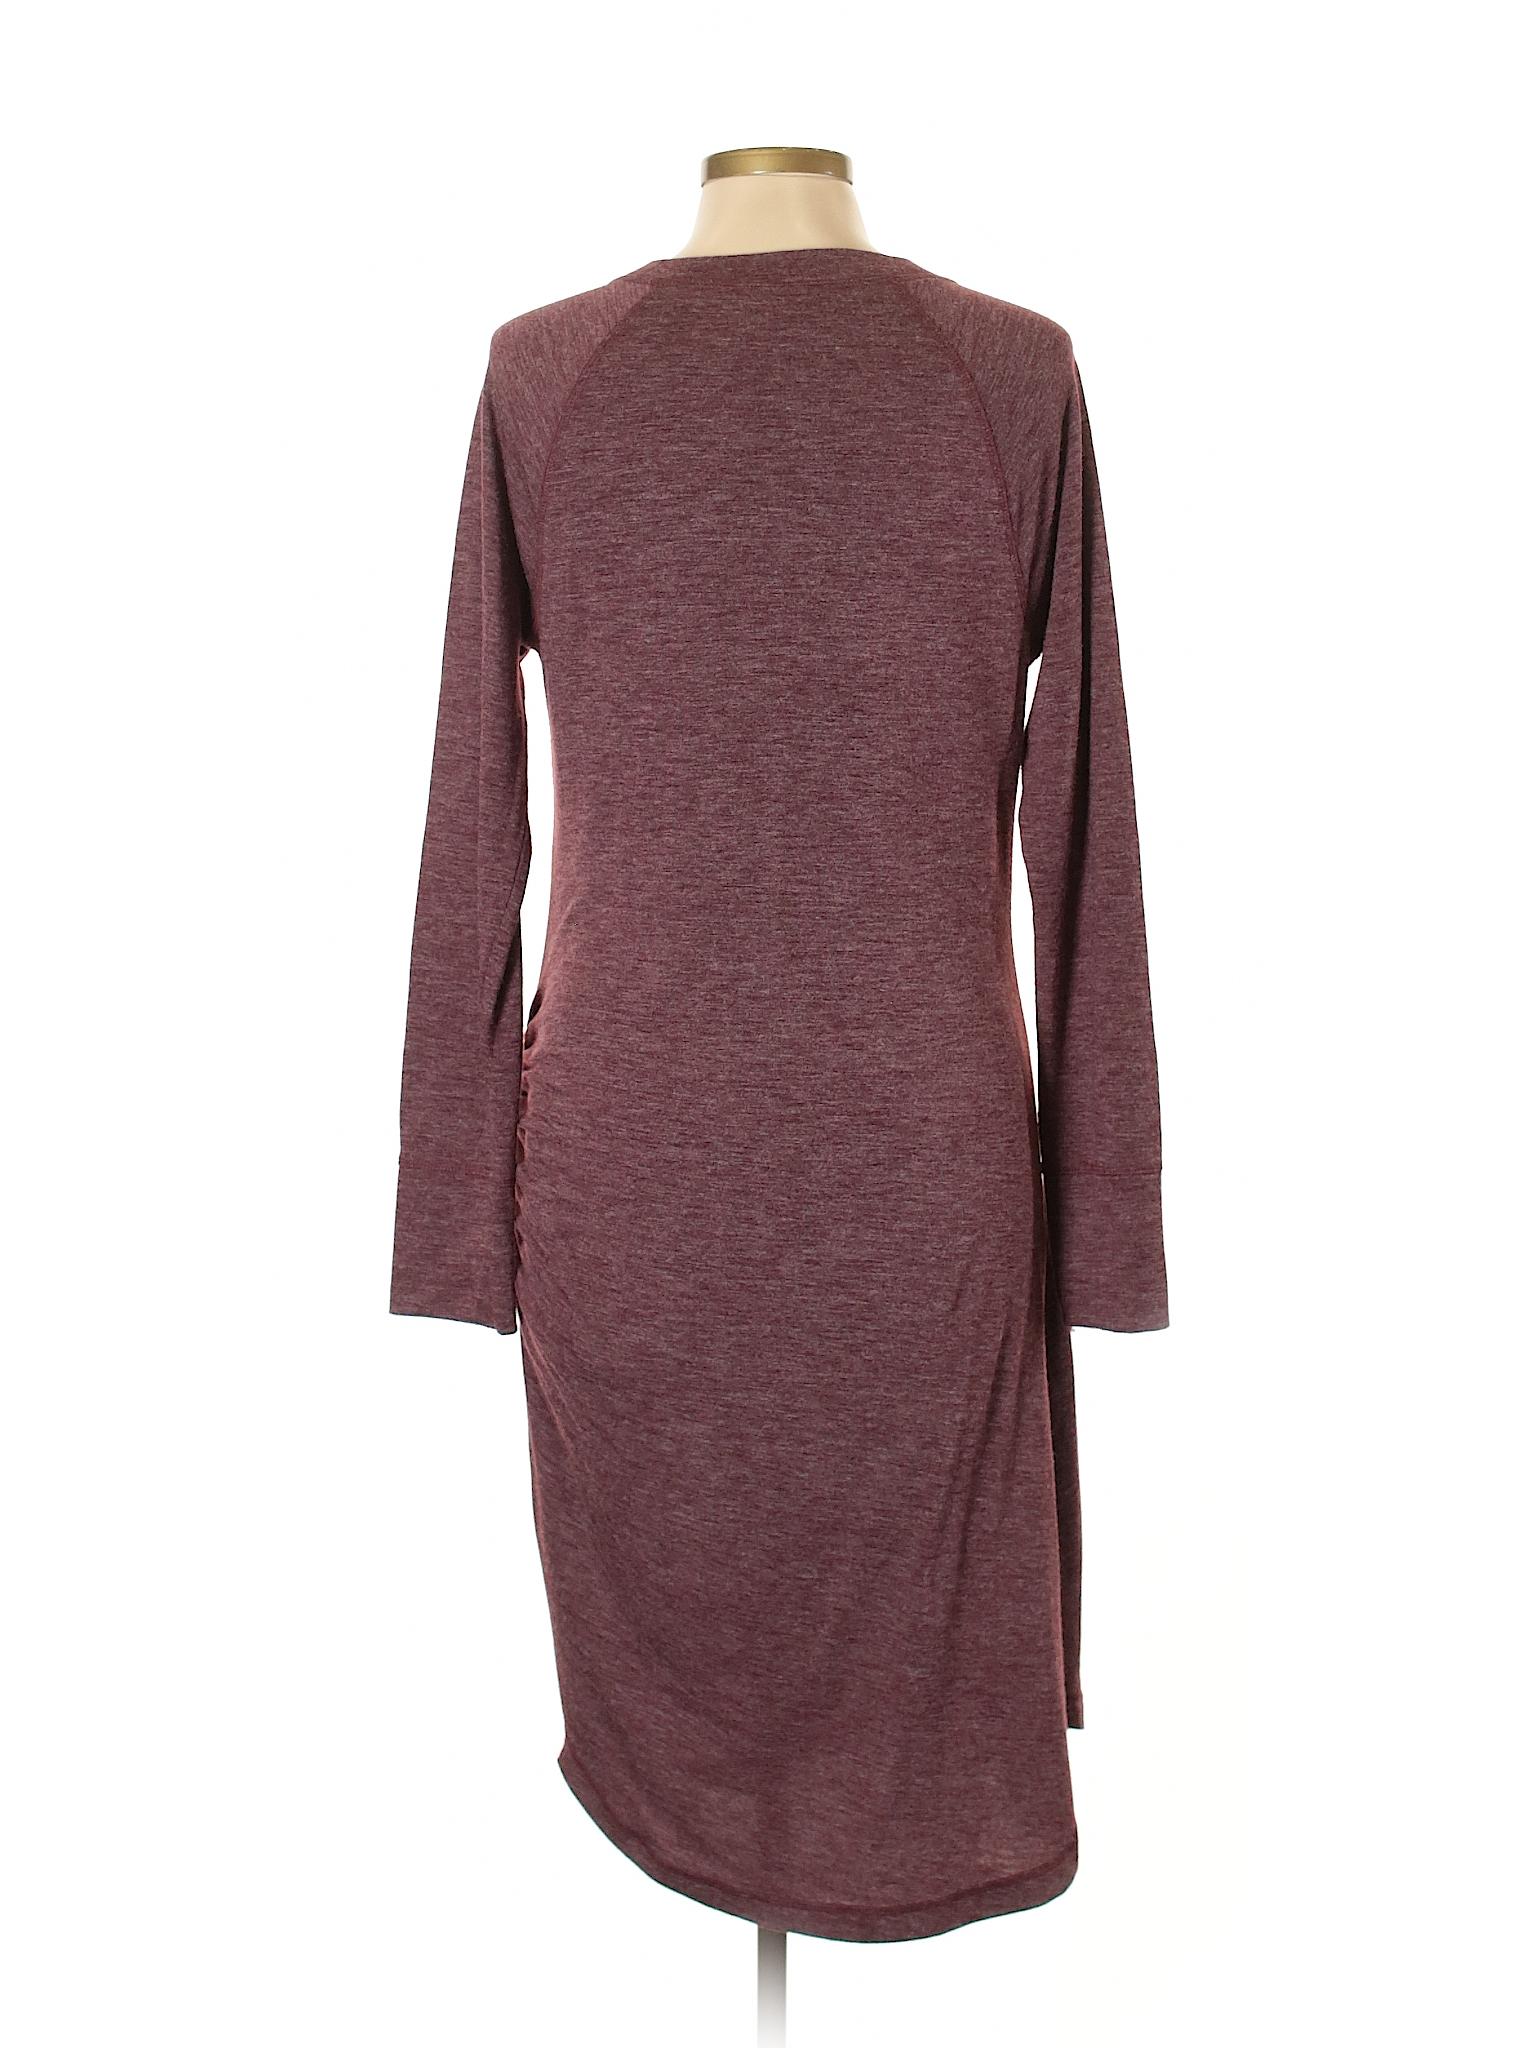 Republic Casual Dress Banana winter Boutique qRTH7anx